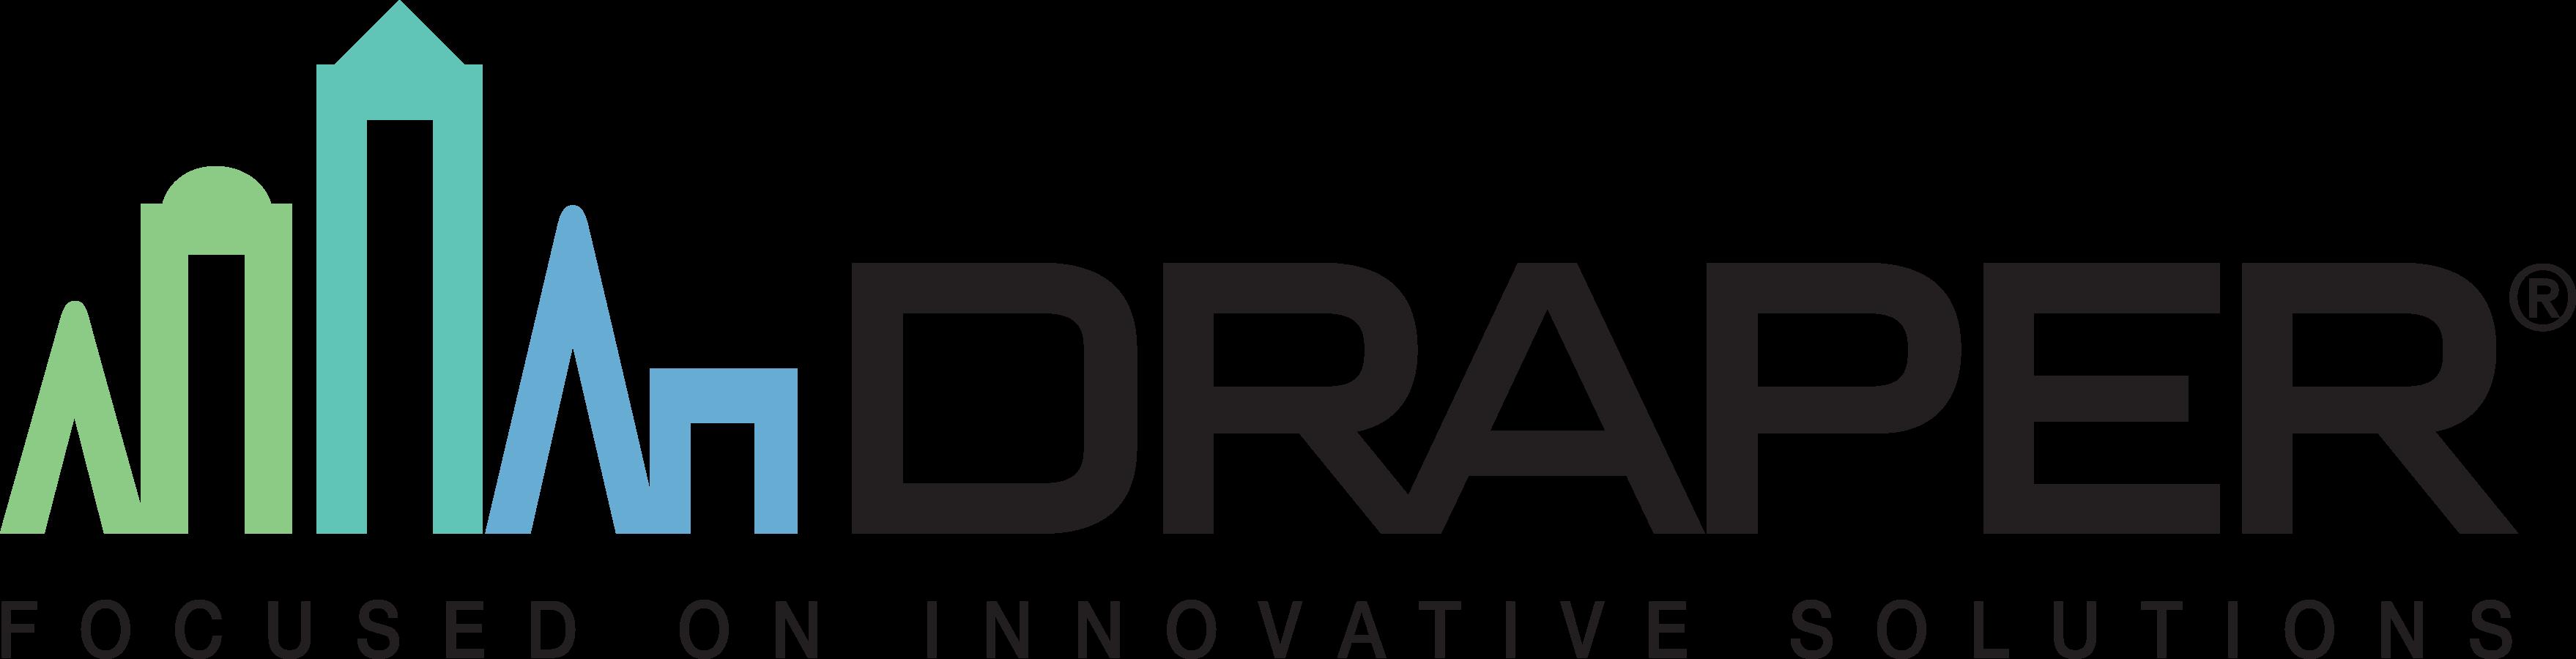 draper-2017-logo-tag-horiz-pos-rgb